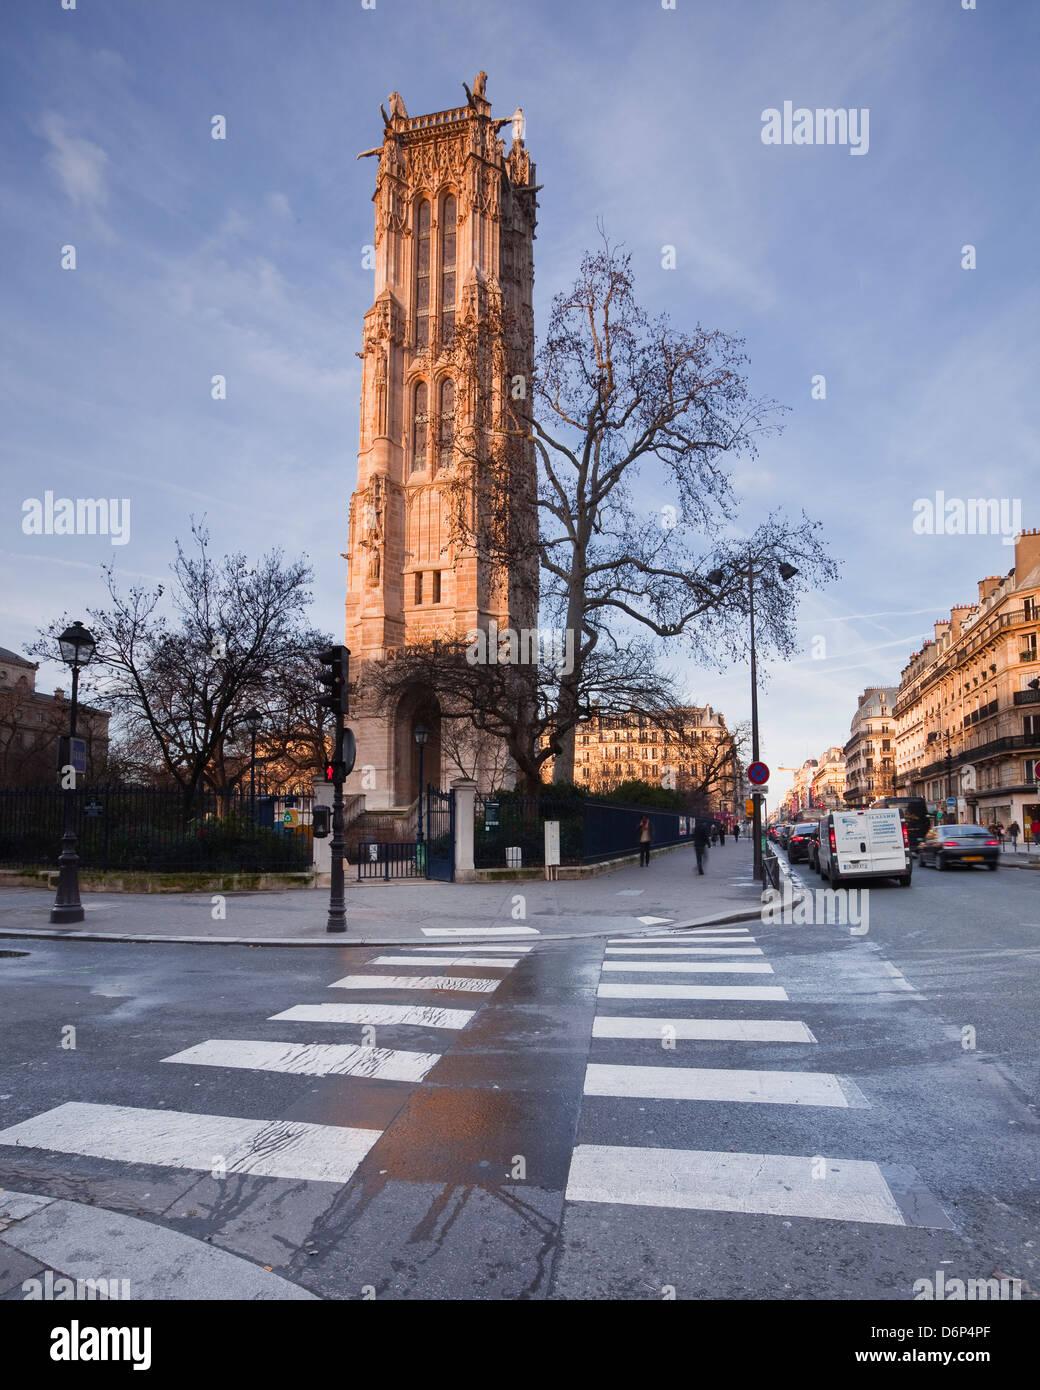 The gothic Tour Saint Jacques, Paris, France, Europe - Stock Image